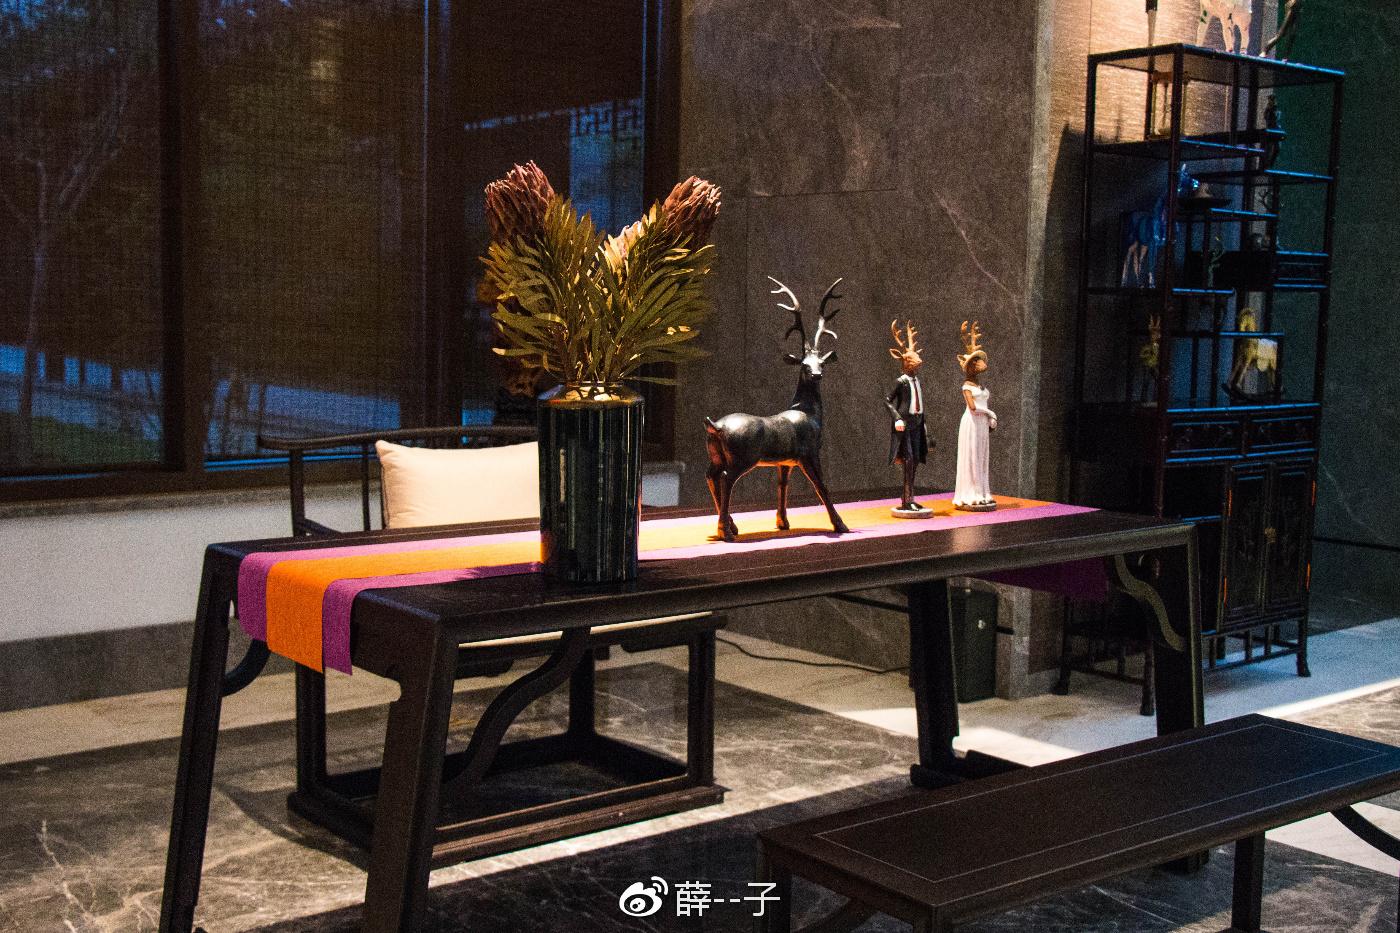 大气典雅的中式立柱,落地的玻璃窗,太阳洒落,留下点点斑驳,如同画中图片